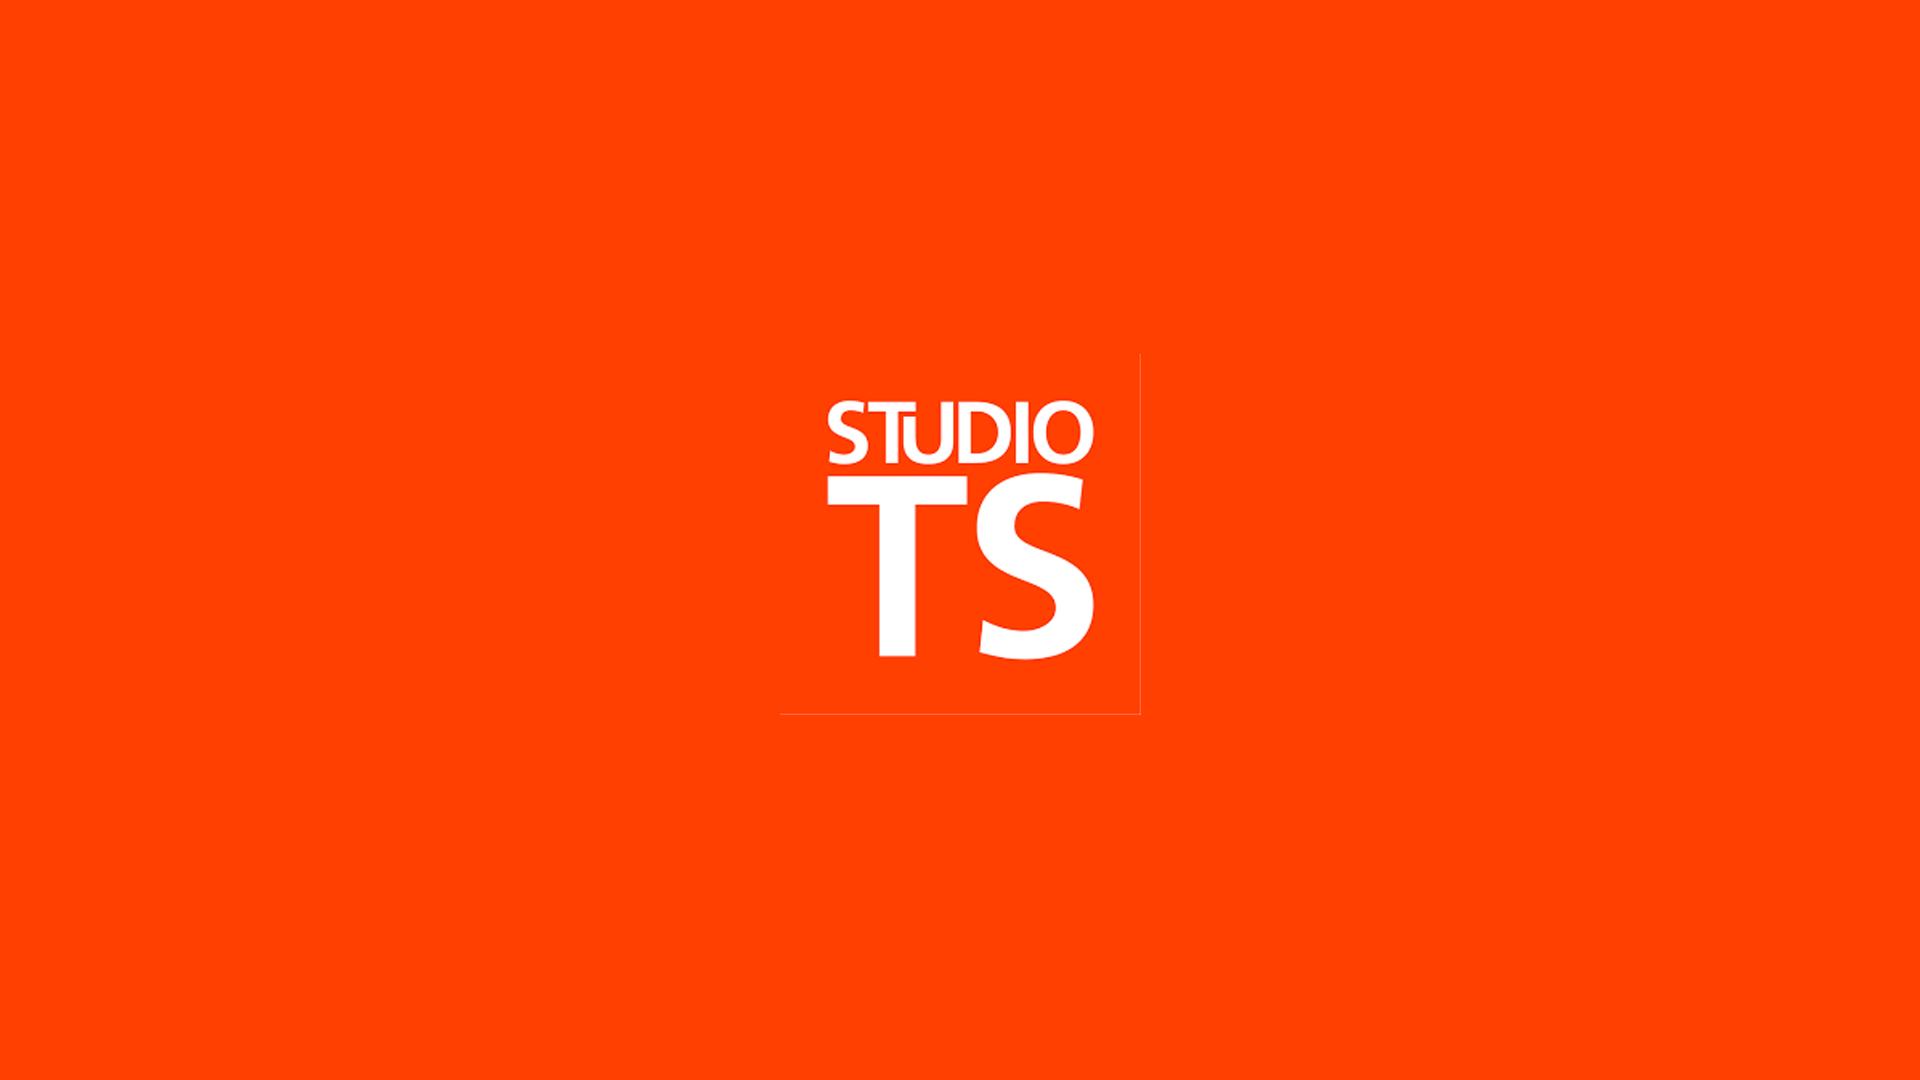 Teresa Sapey, web hecha por murciègalo en 2015